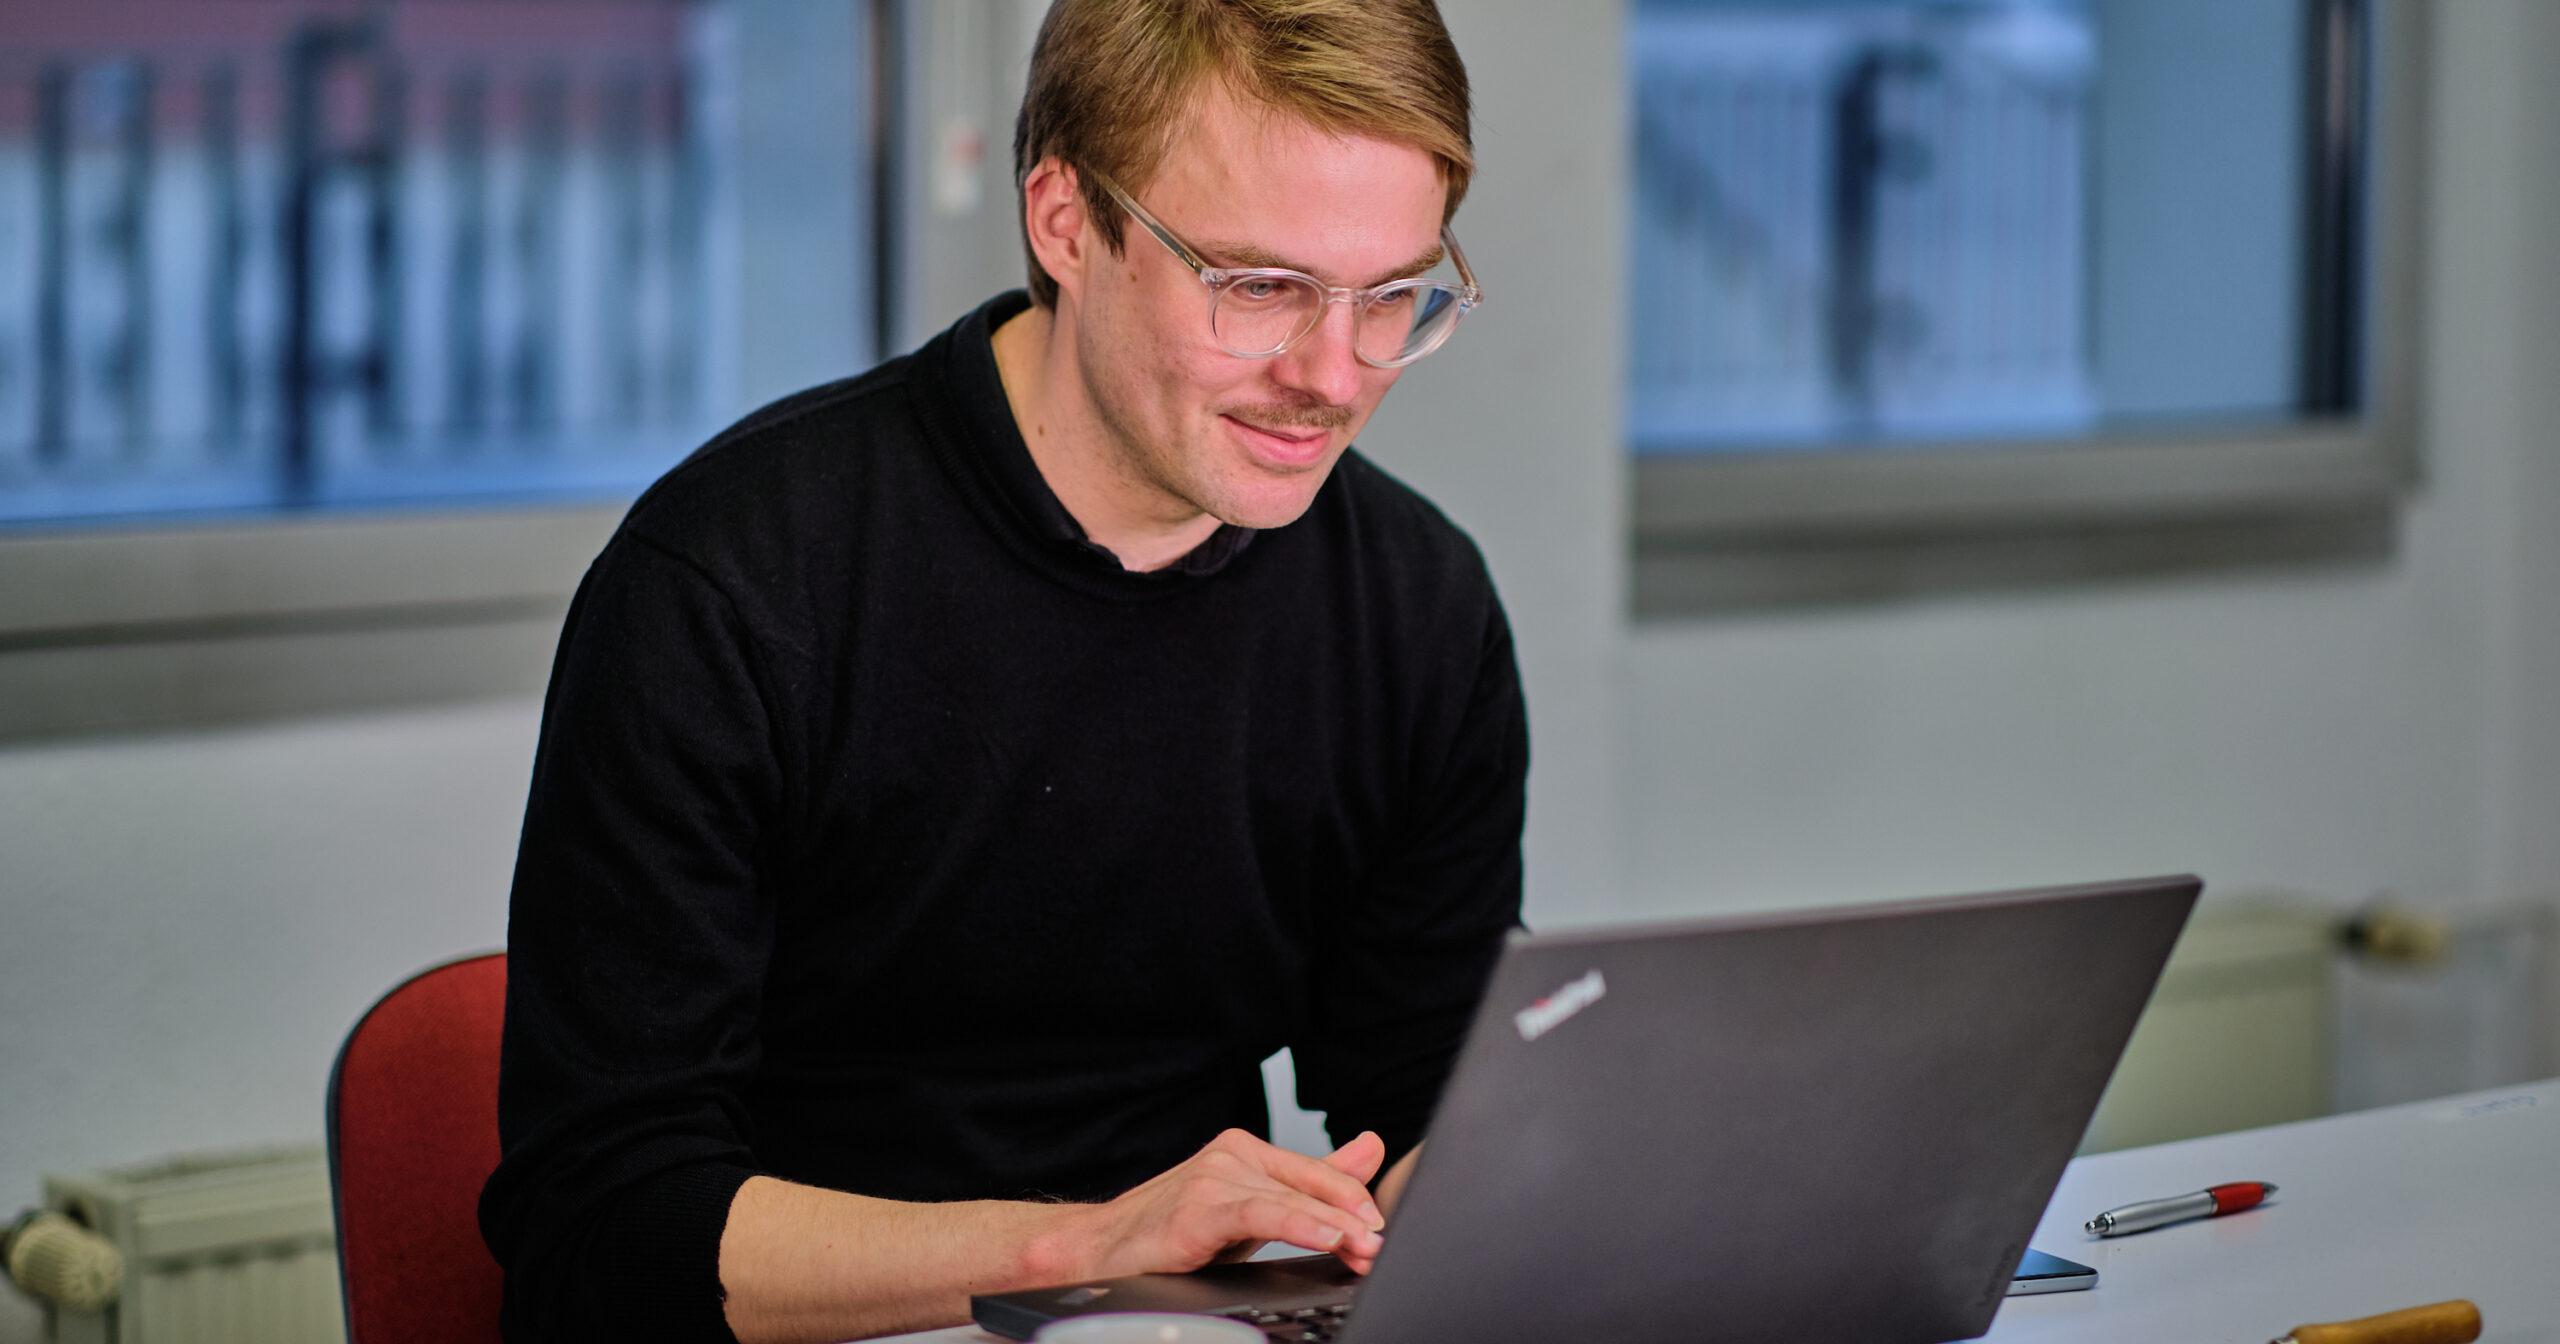 Stefan Kunath auf einem Laptop tippend